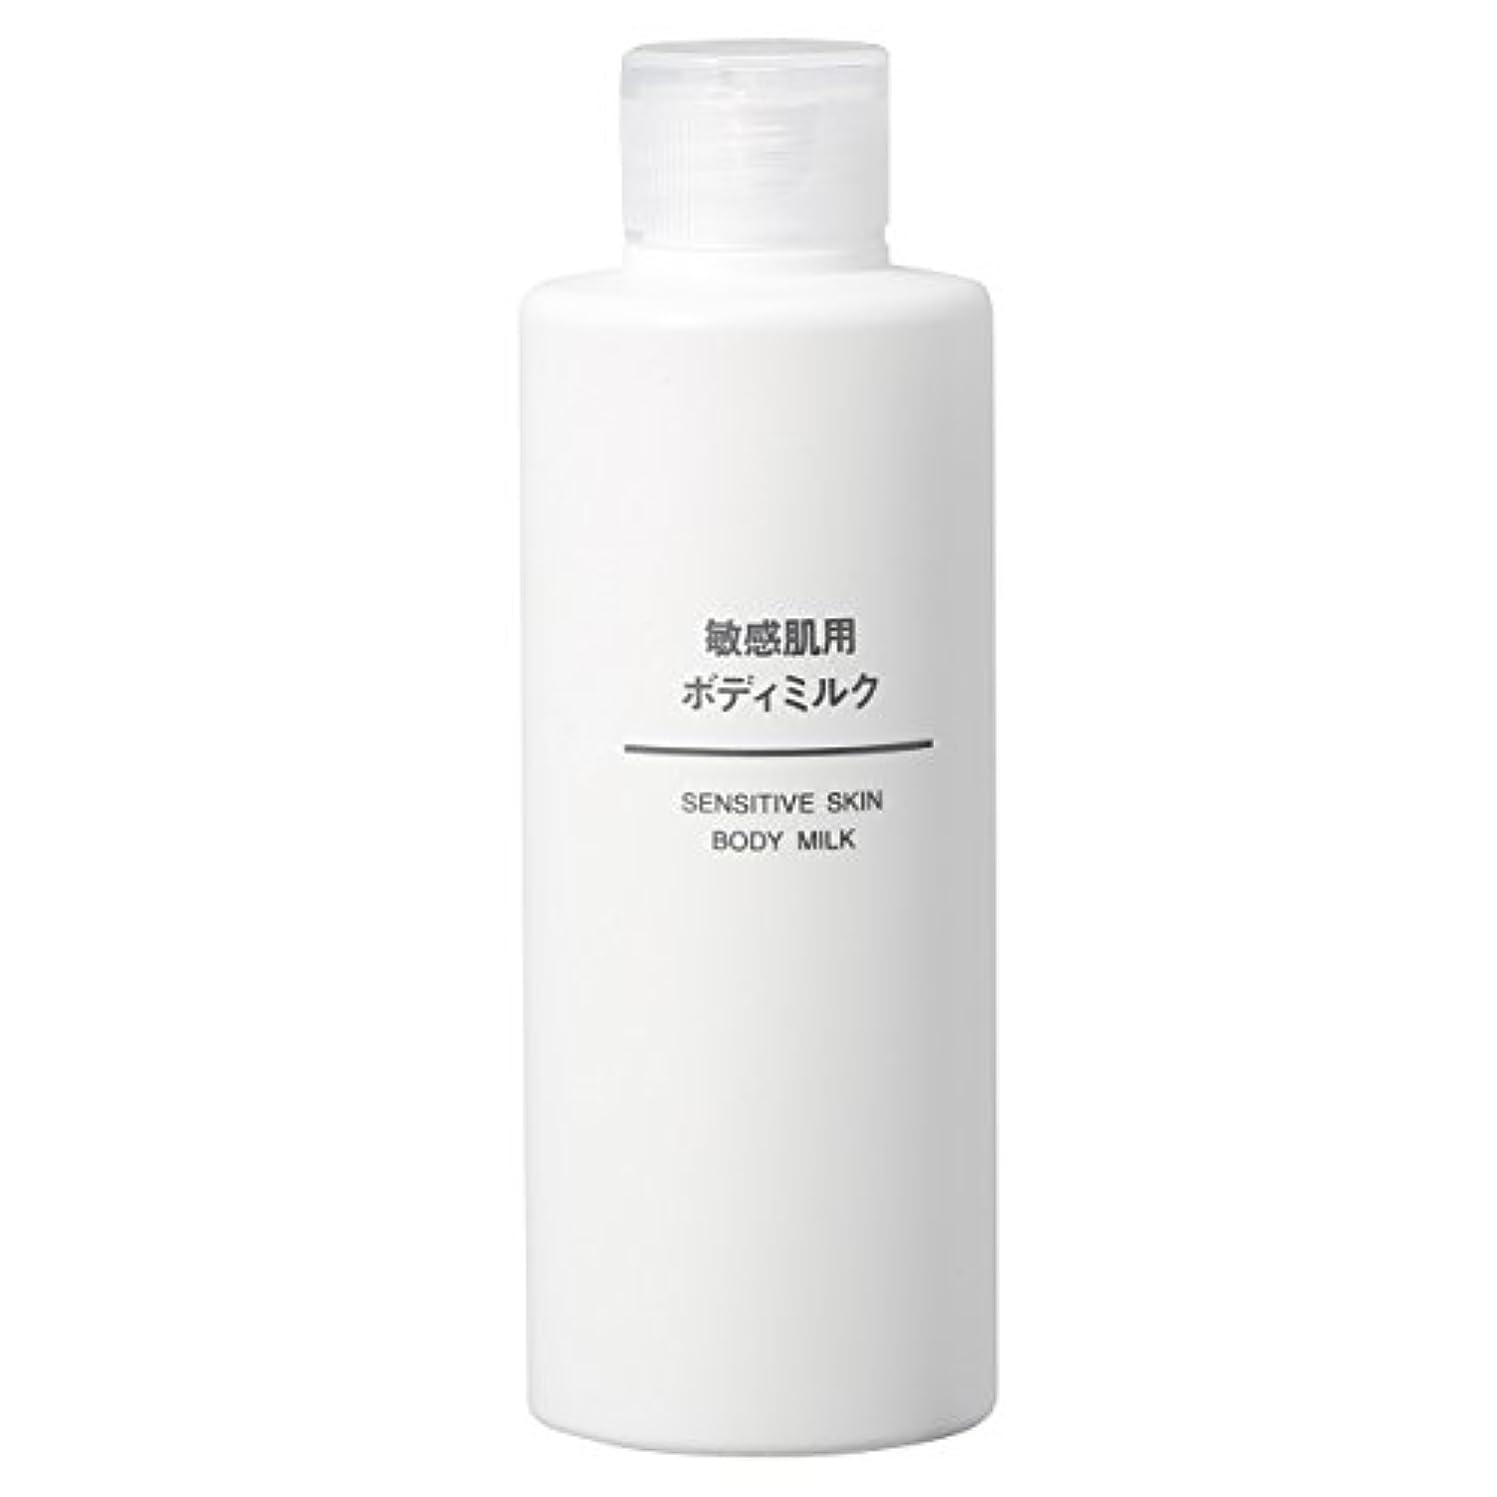 浮浪者名声樹皮無印良品 敏感肌用 ボディミルク 200ml 日本製